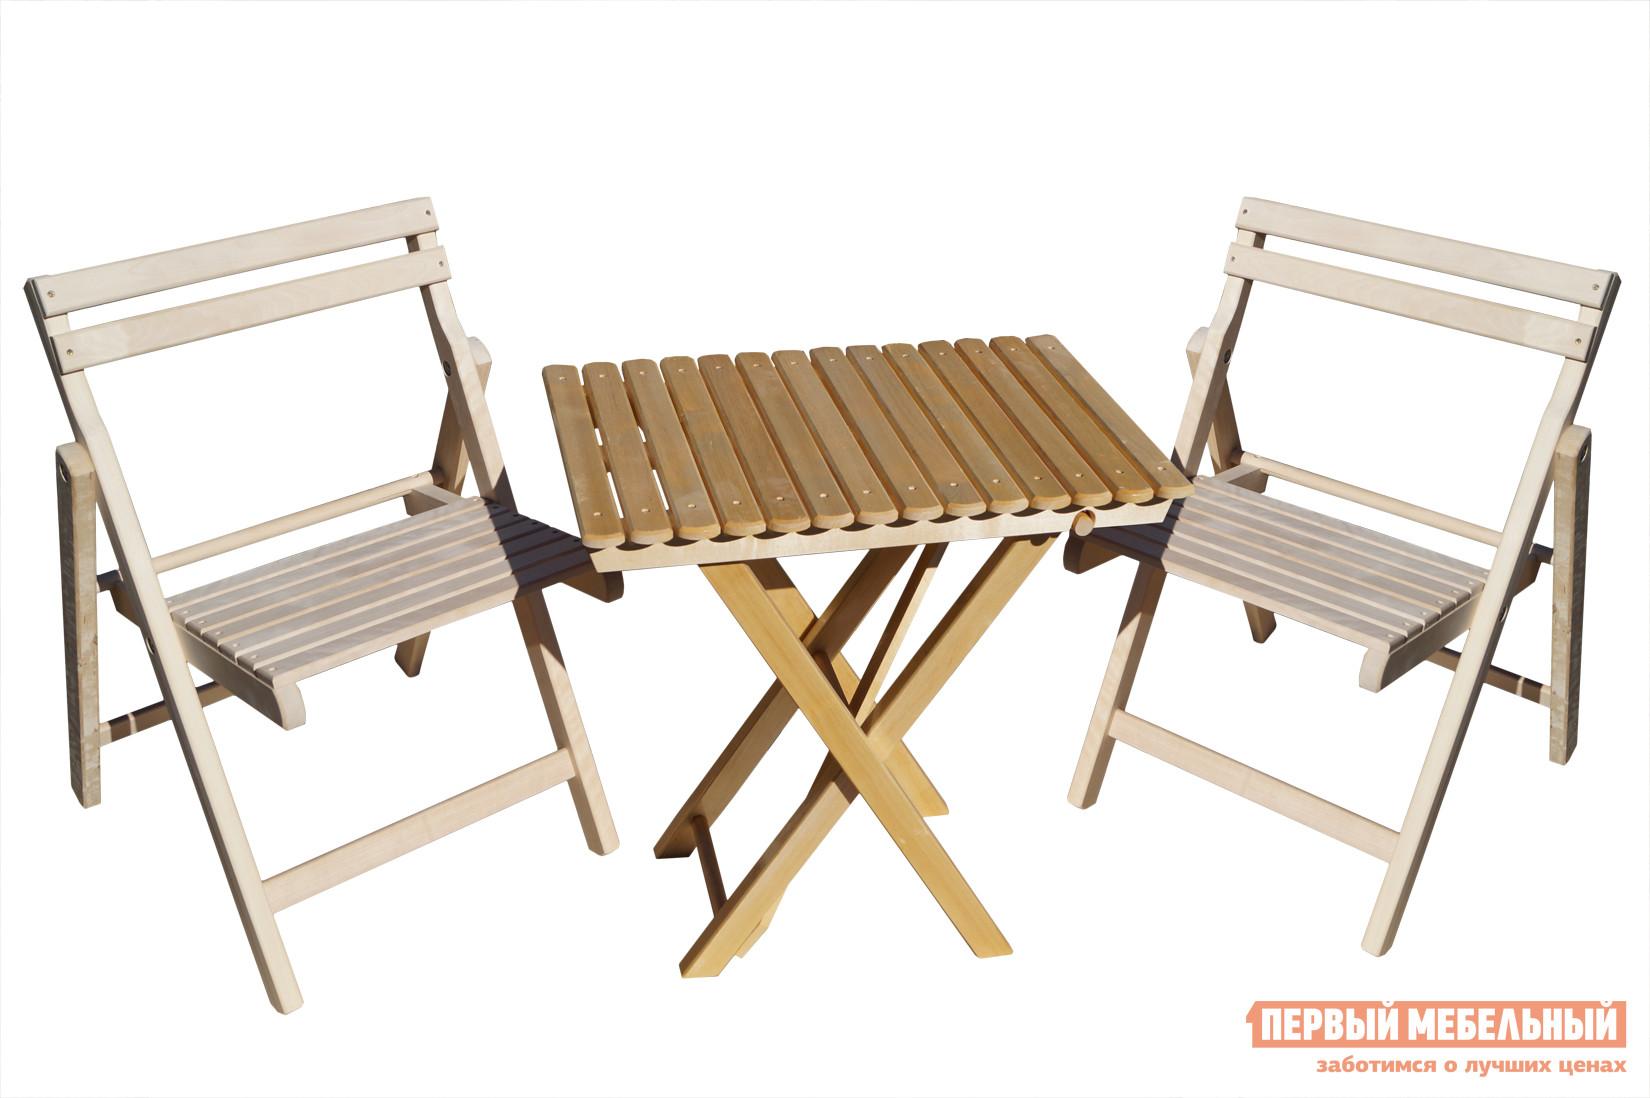 Комплект садовой мебели СМКА СМ008Б + СМ046Б Береза